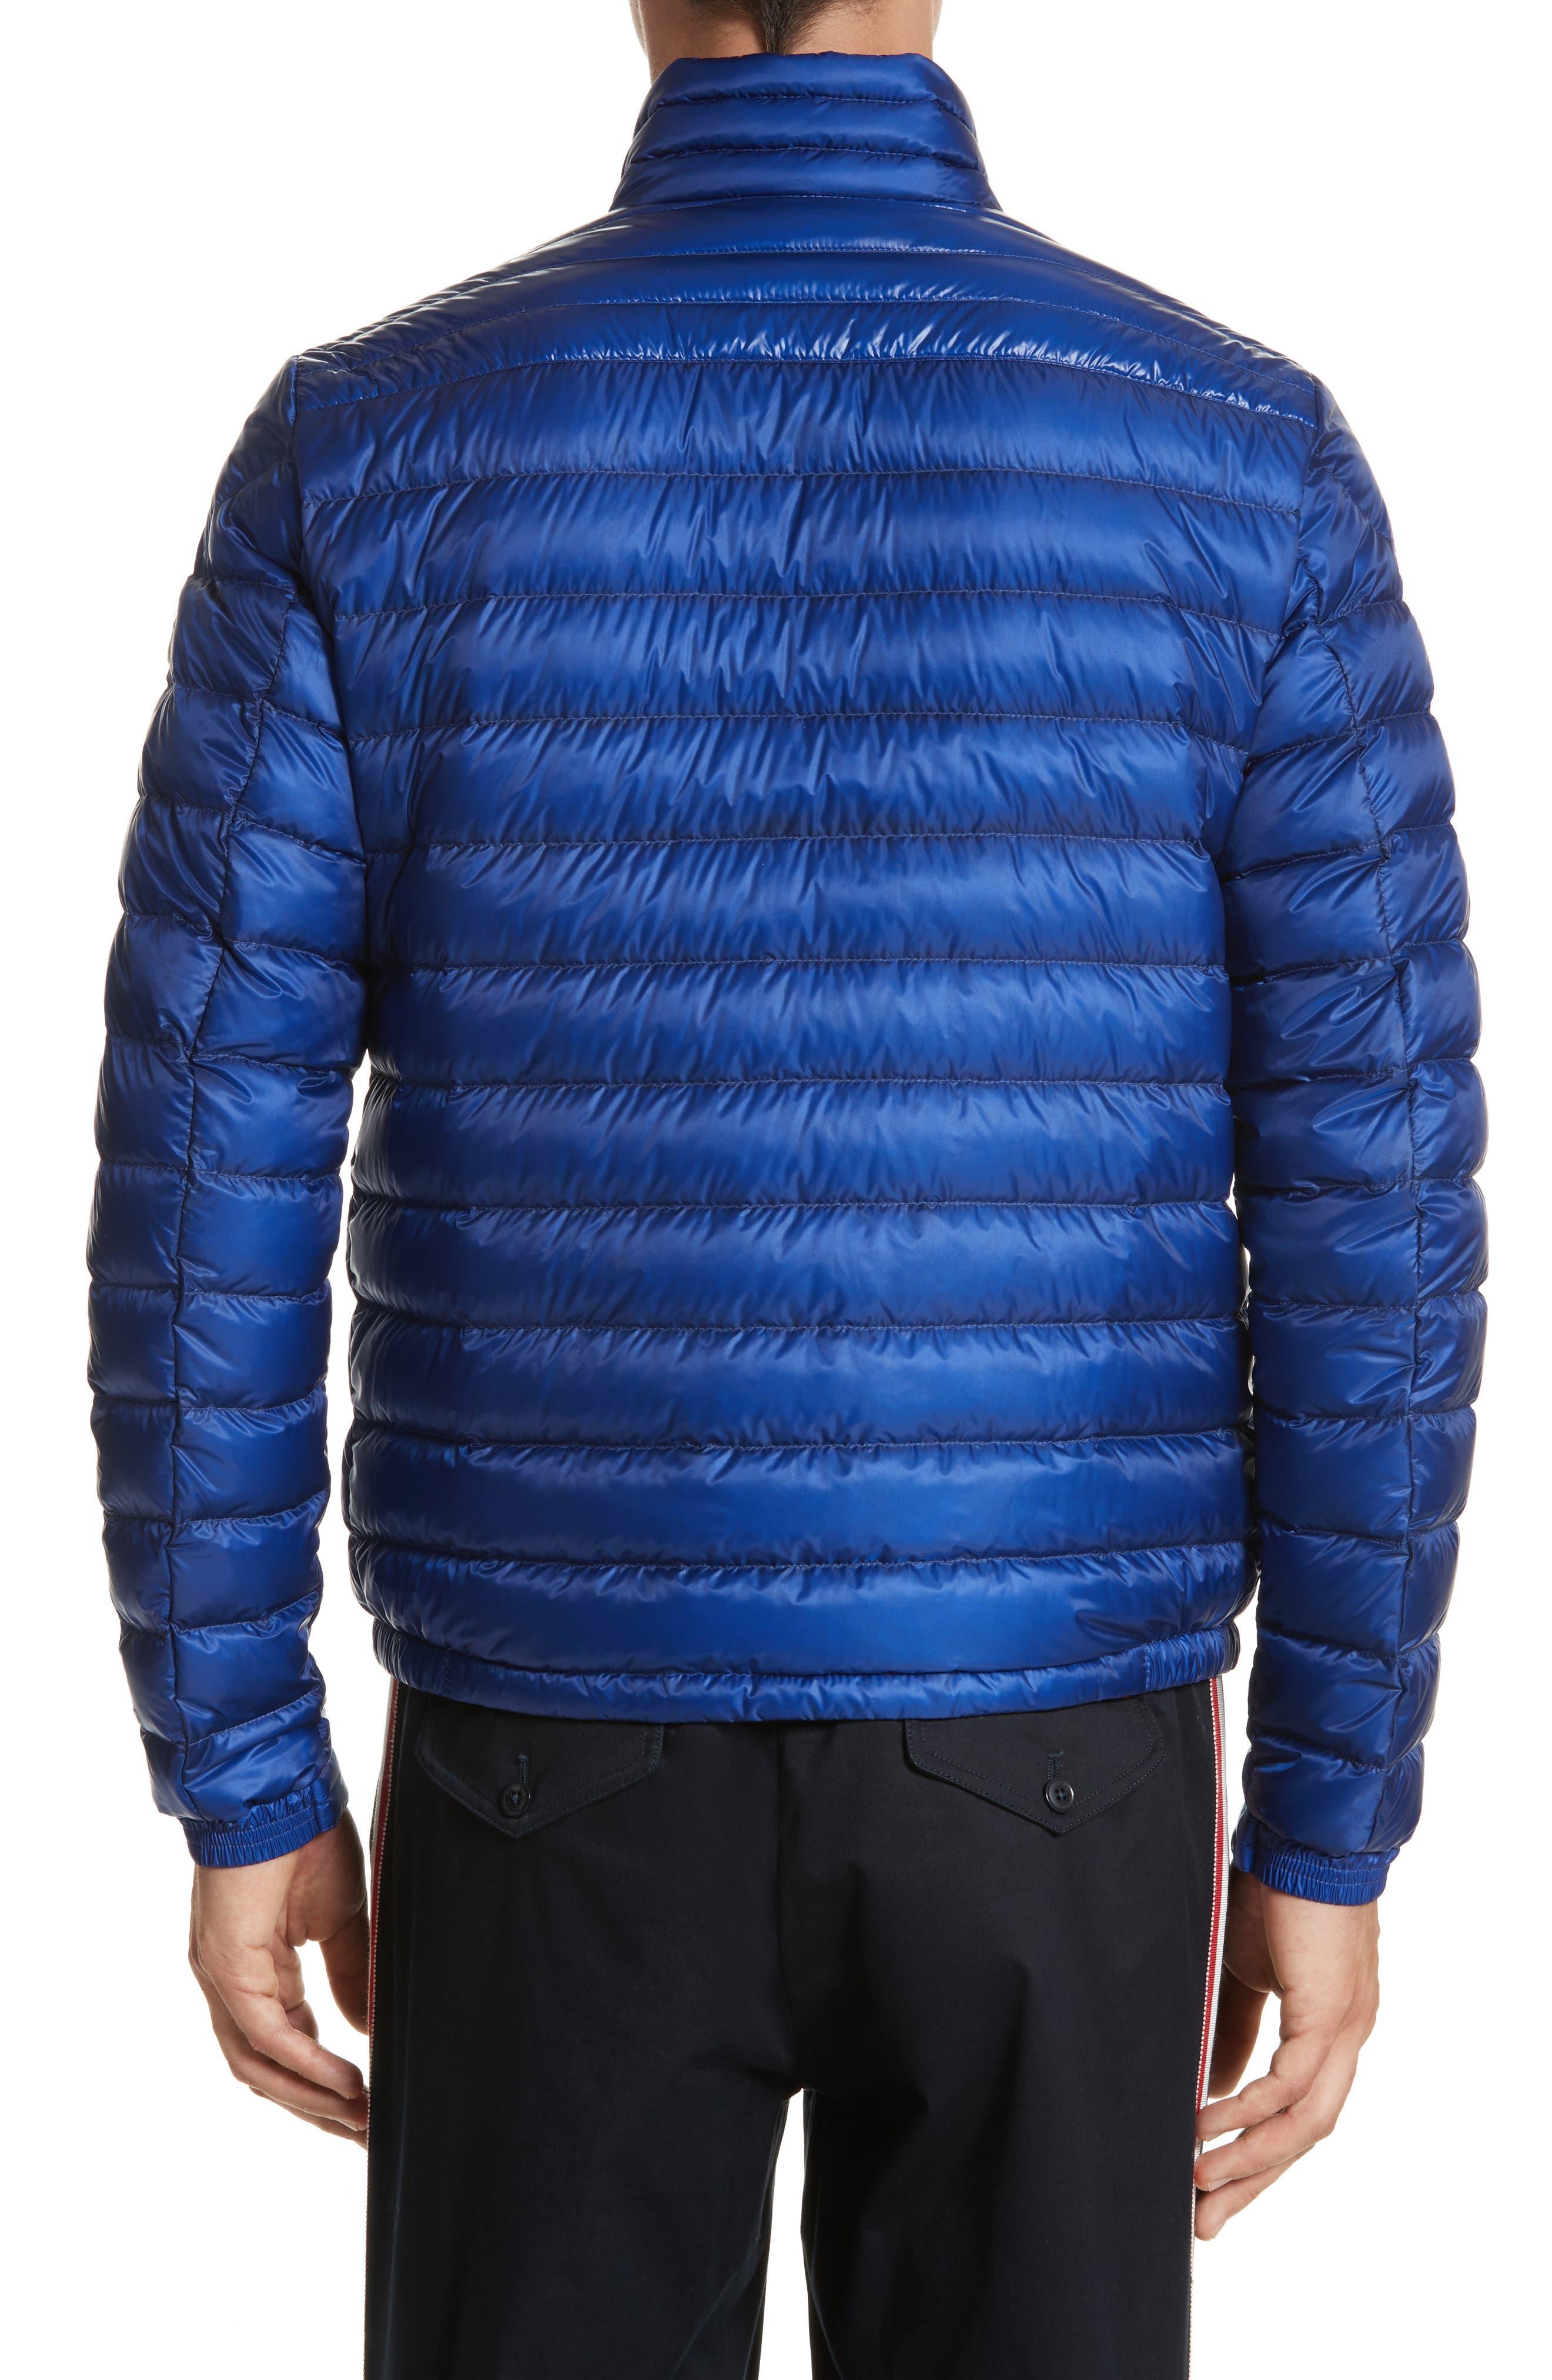 Daniel Packable Down Jacket,                             Alternate thumbnail 2, color,                             Bright Blue